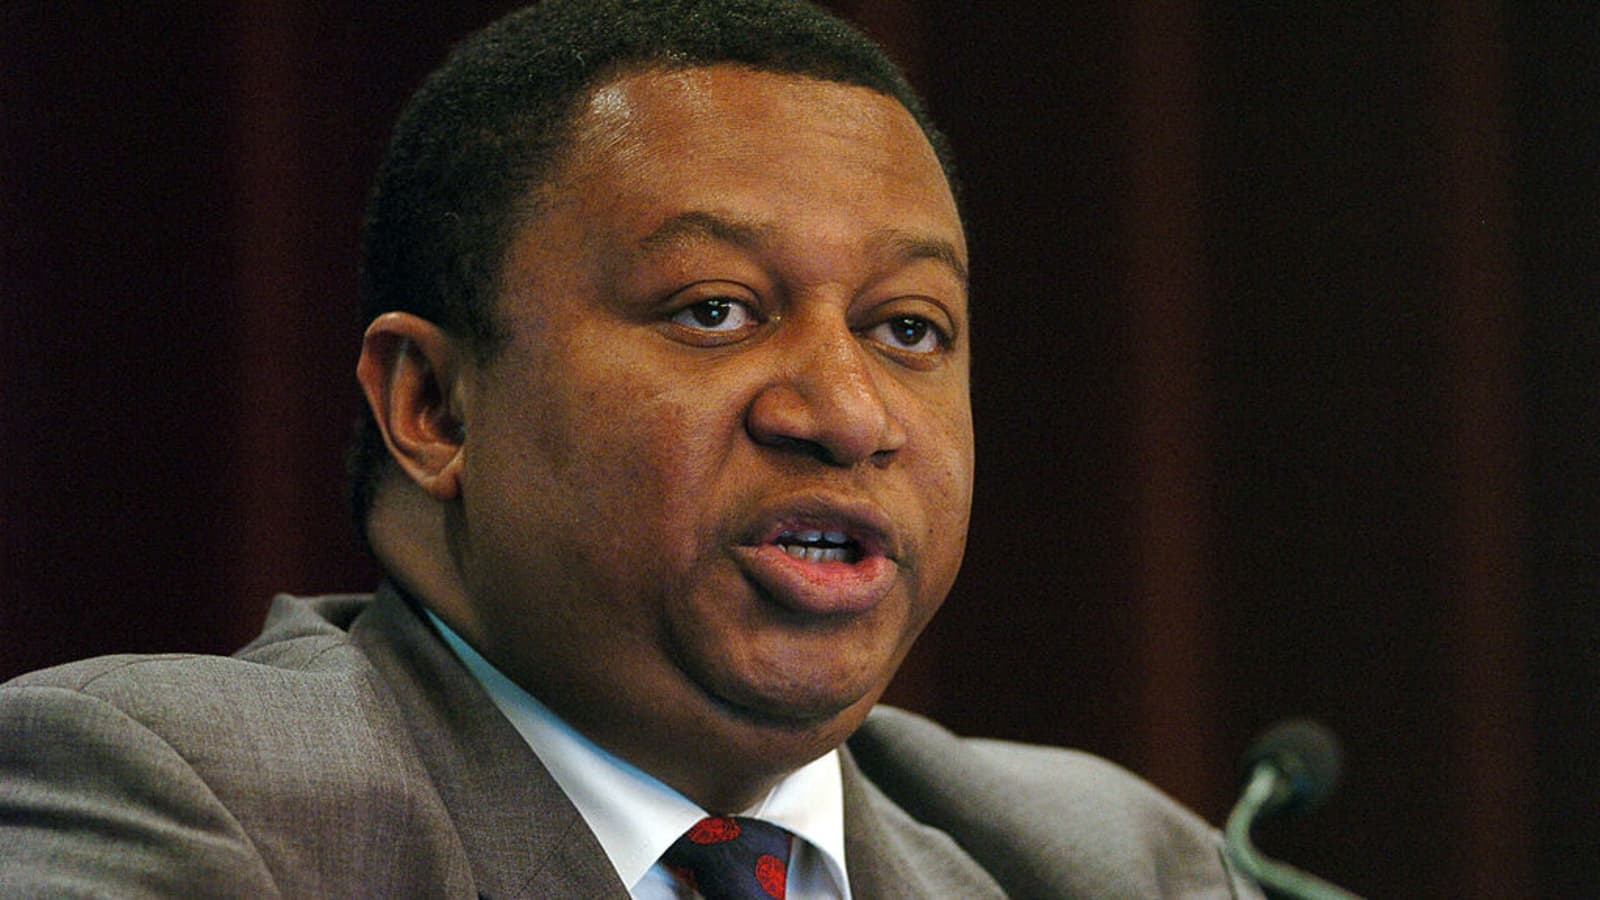 OPEC Secretary General, Mohammad Barkindo